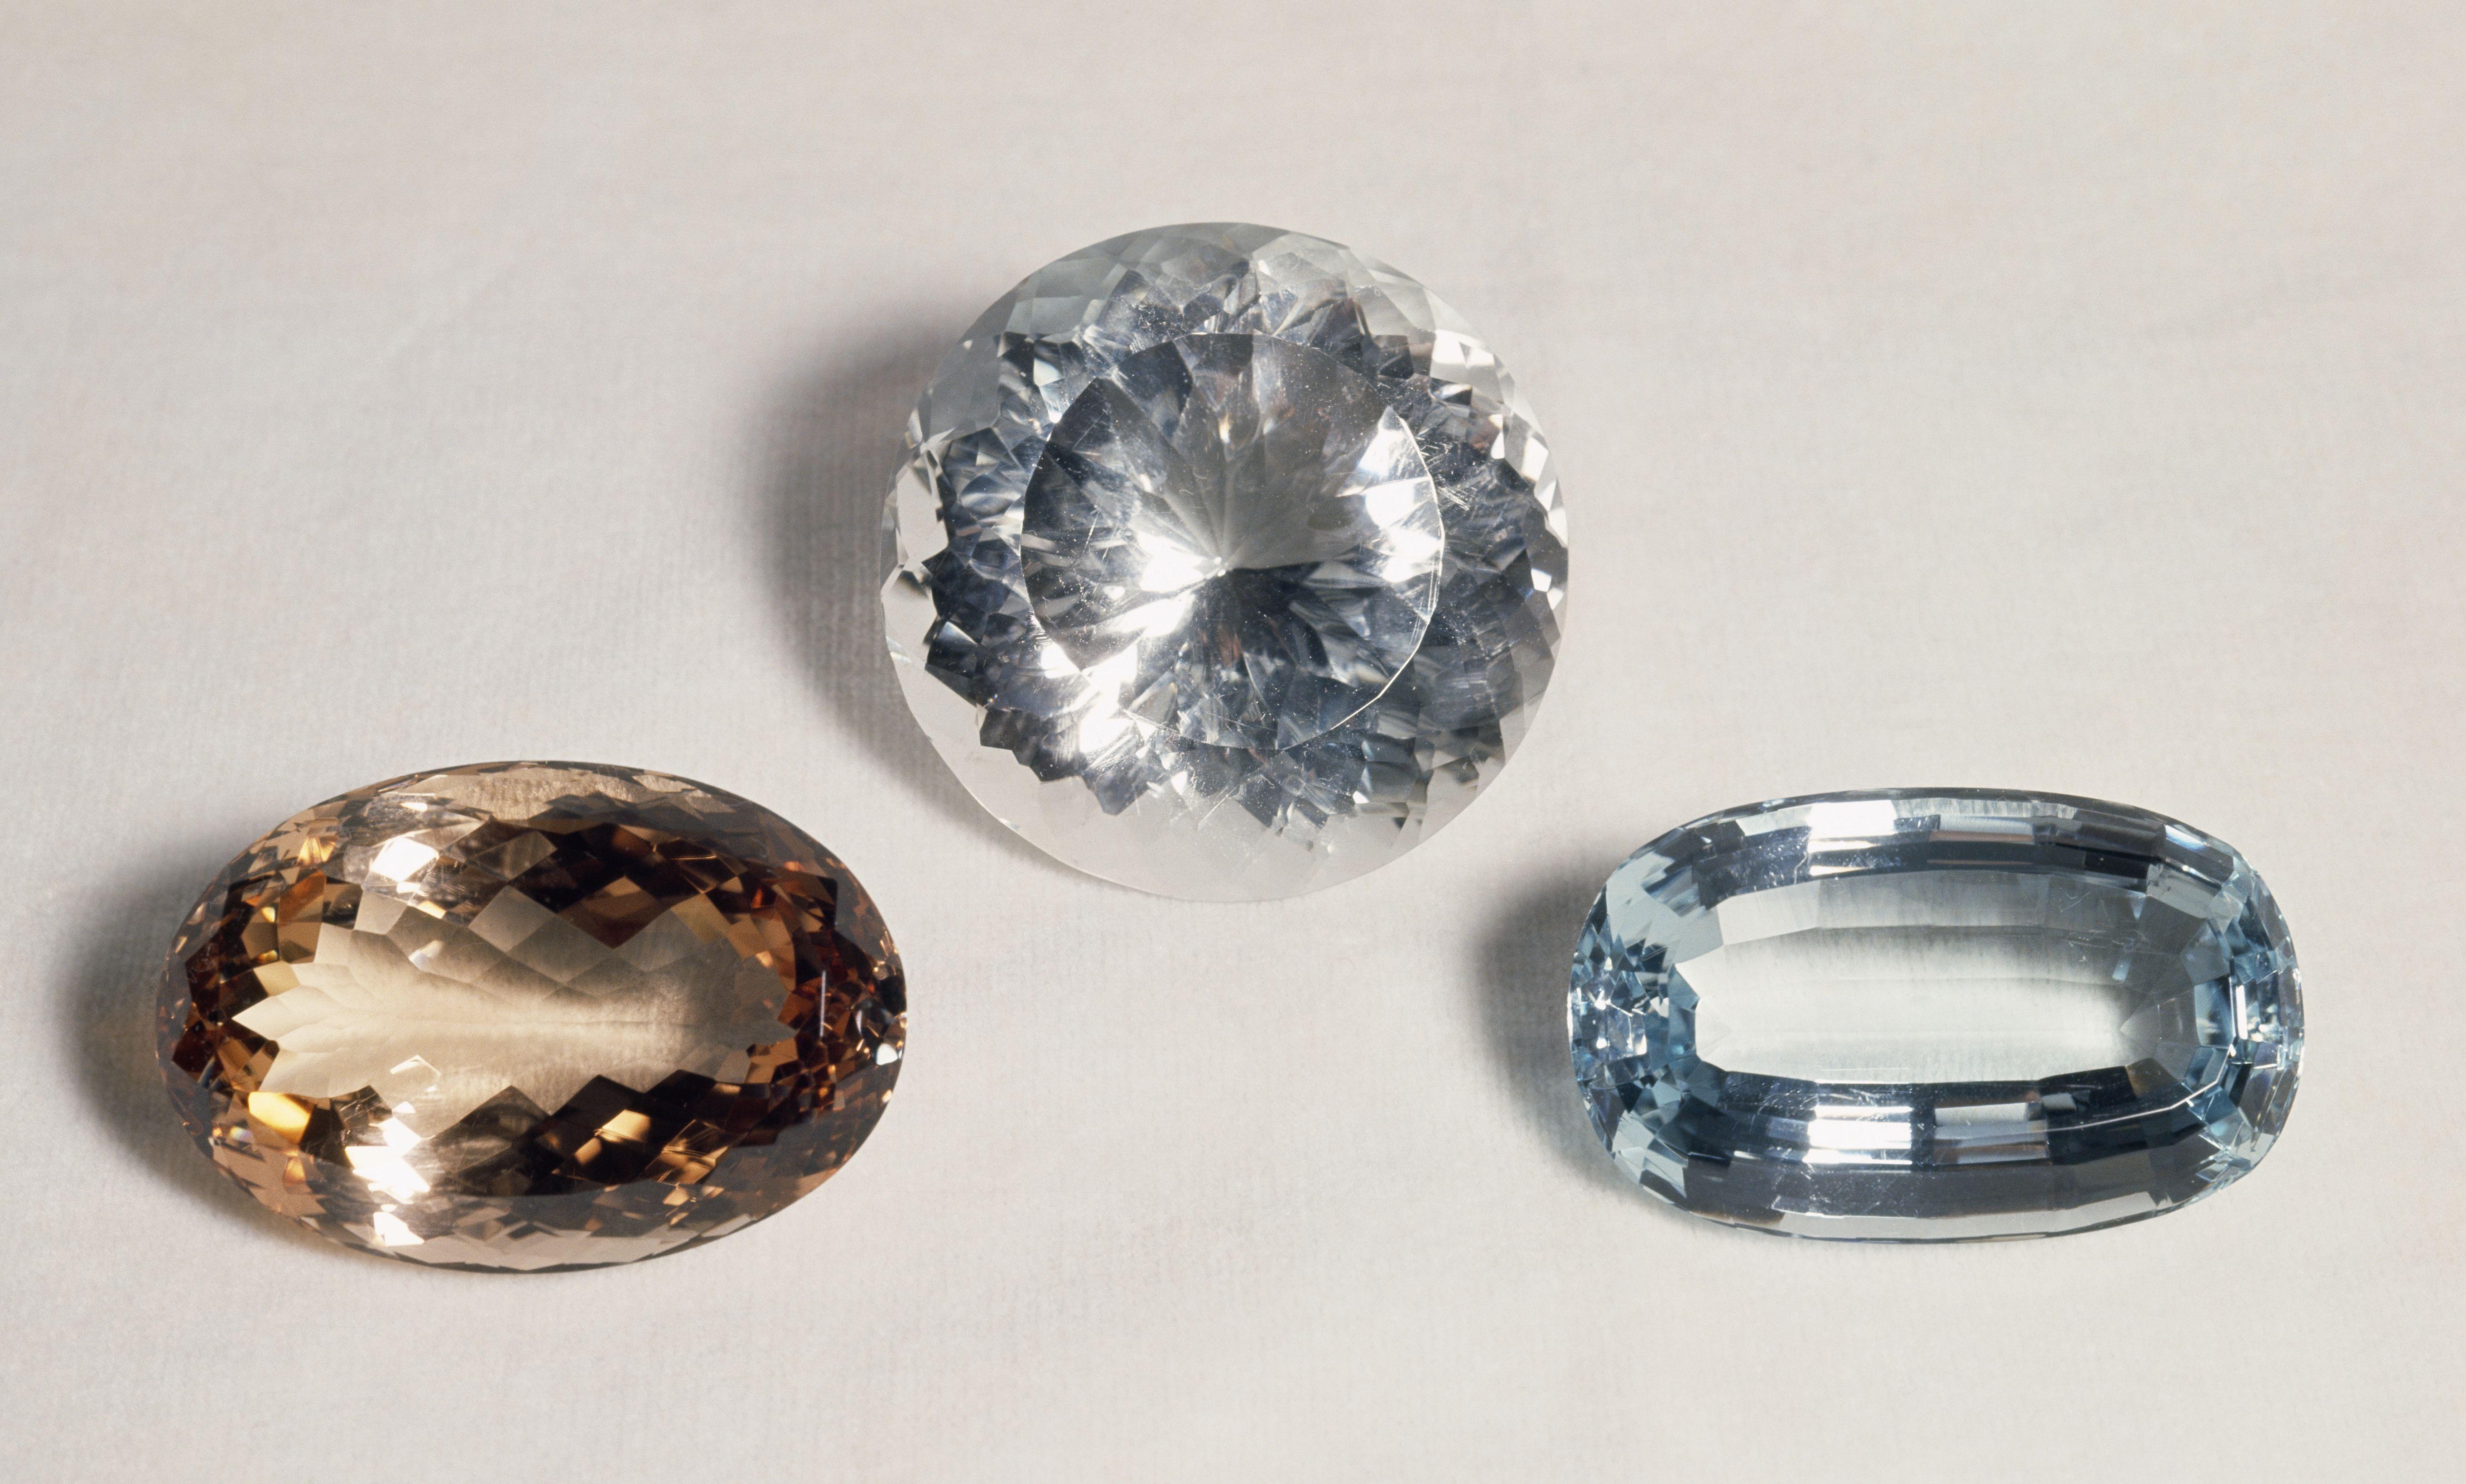 Different topaz stones